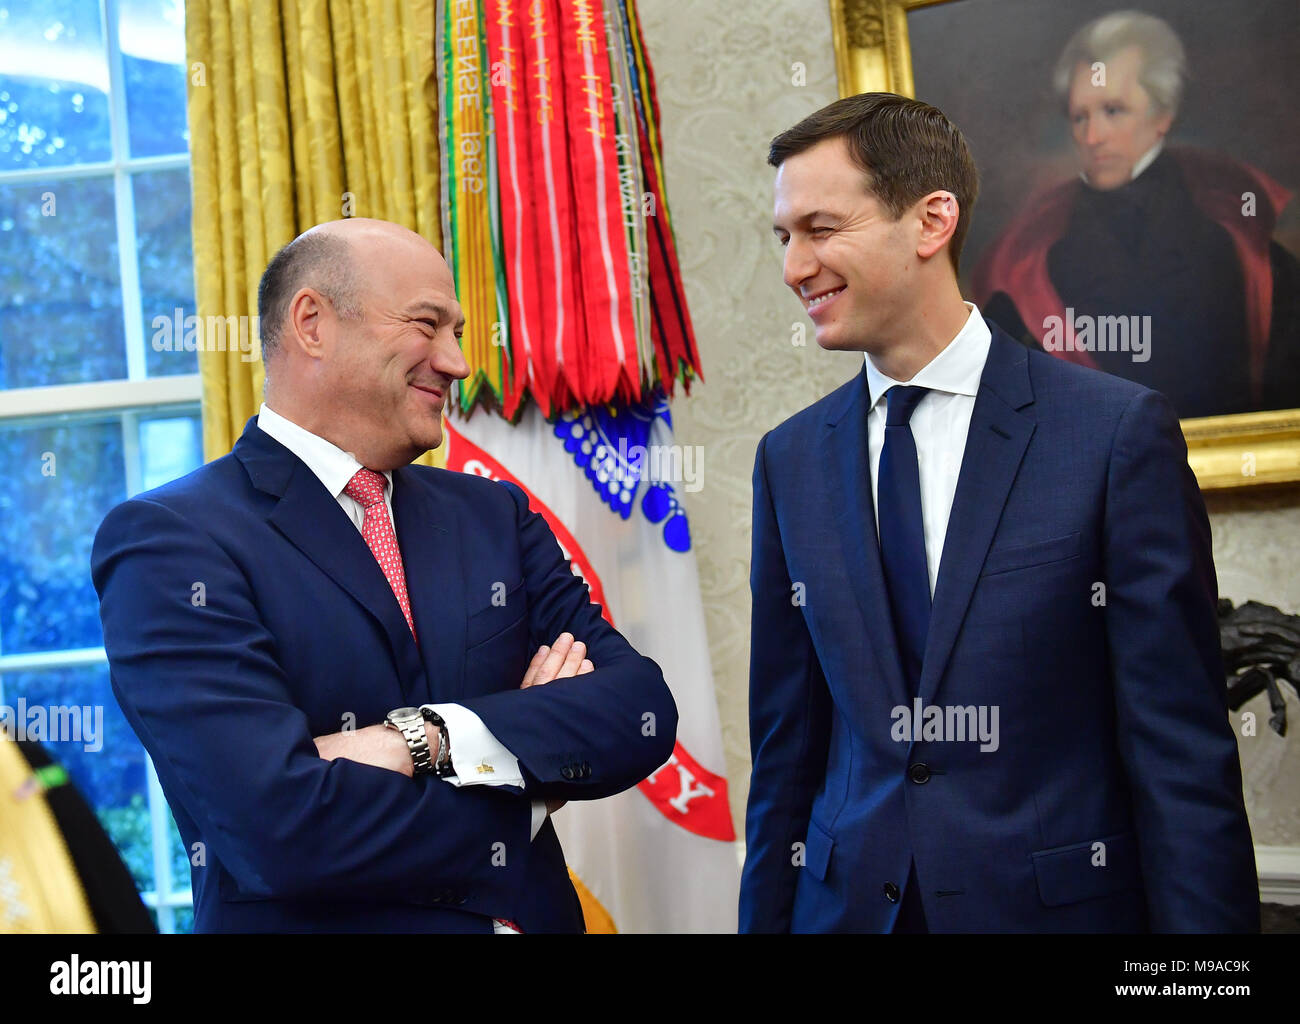 0ee34b18 Washington, Estados Unidos. 20 Mar, 2018. Salida principal asesor económico  de la Casa Blanca, Gary Cohn ...